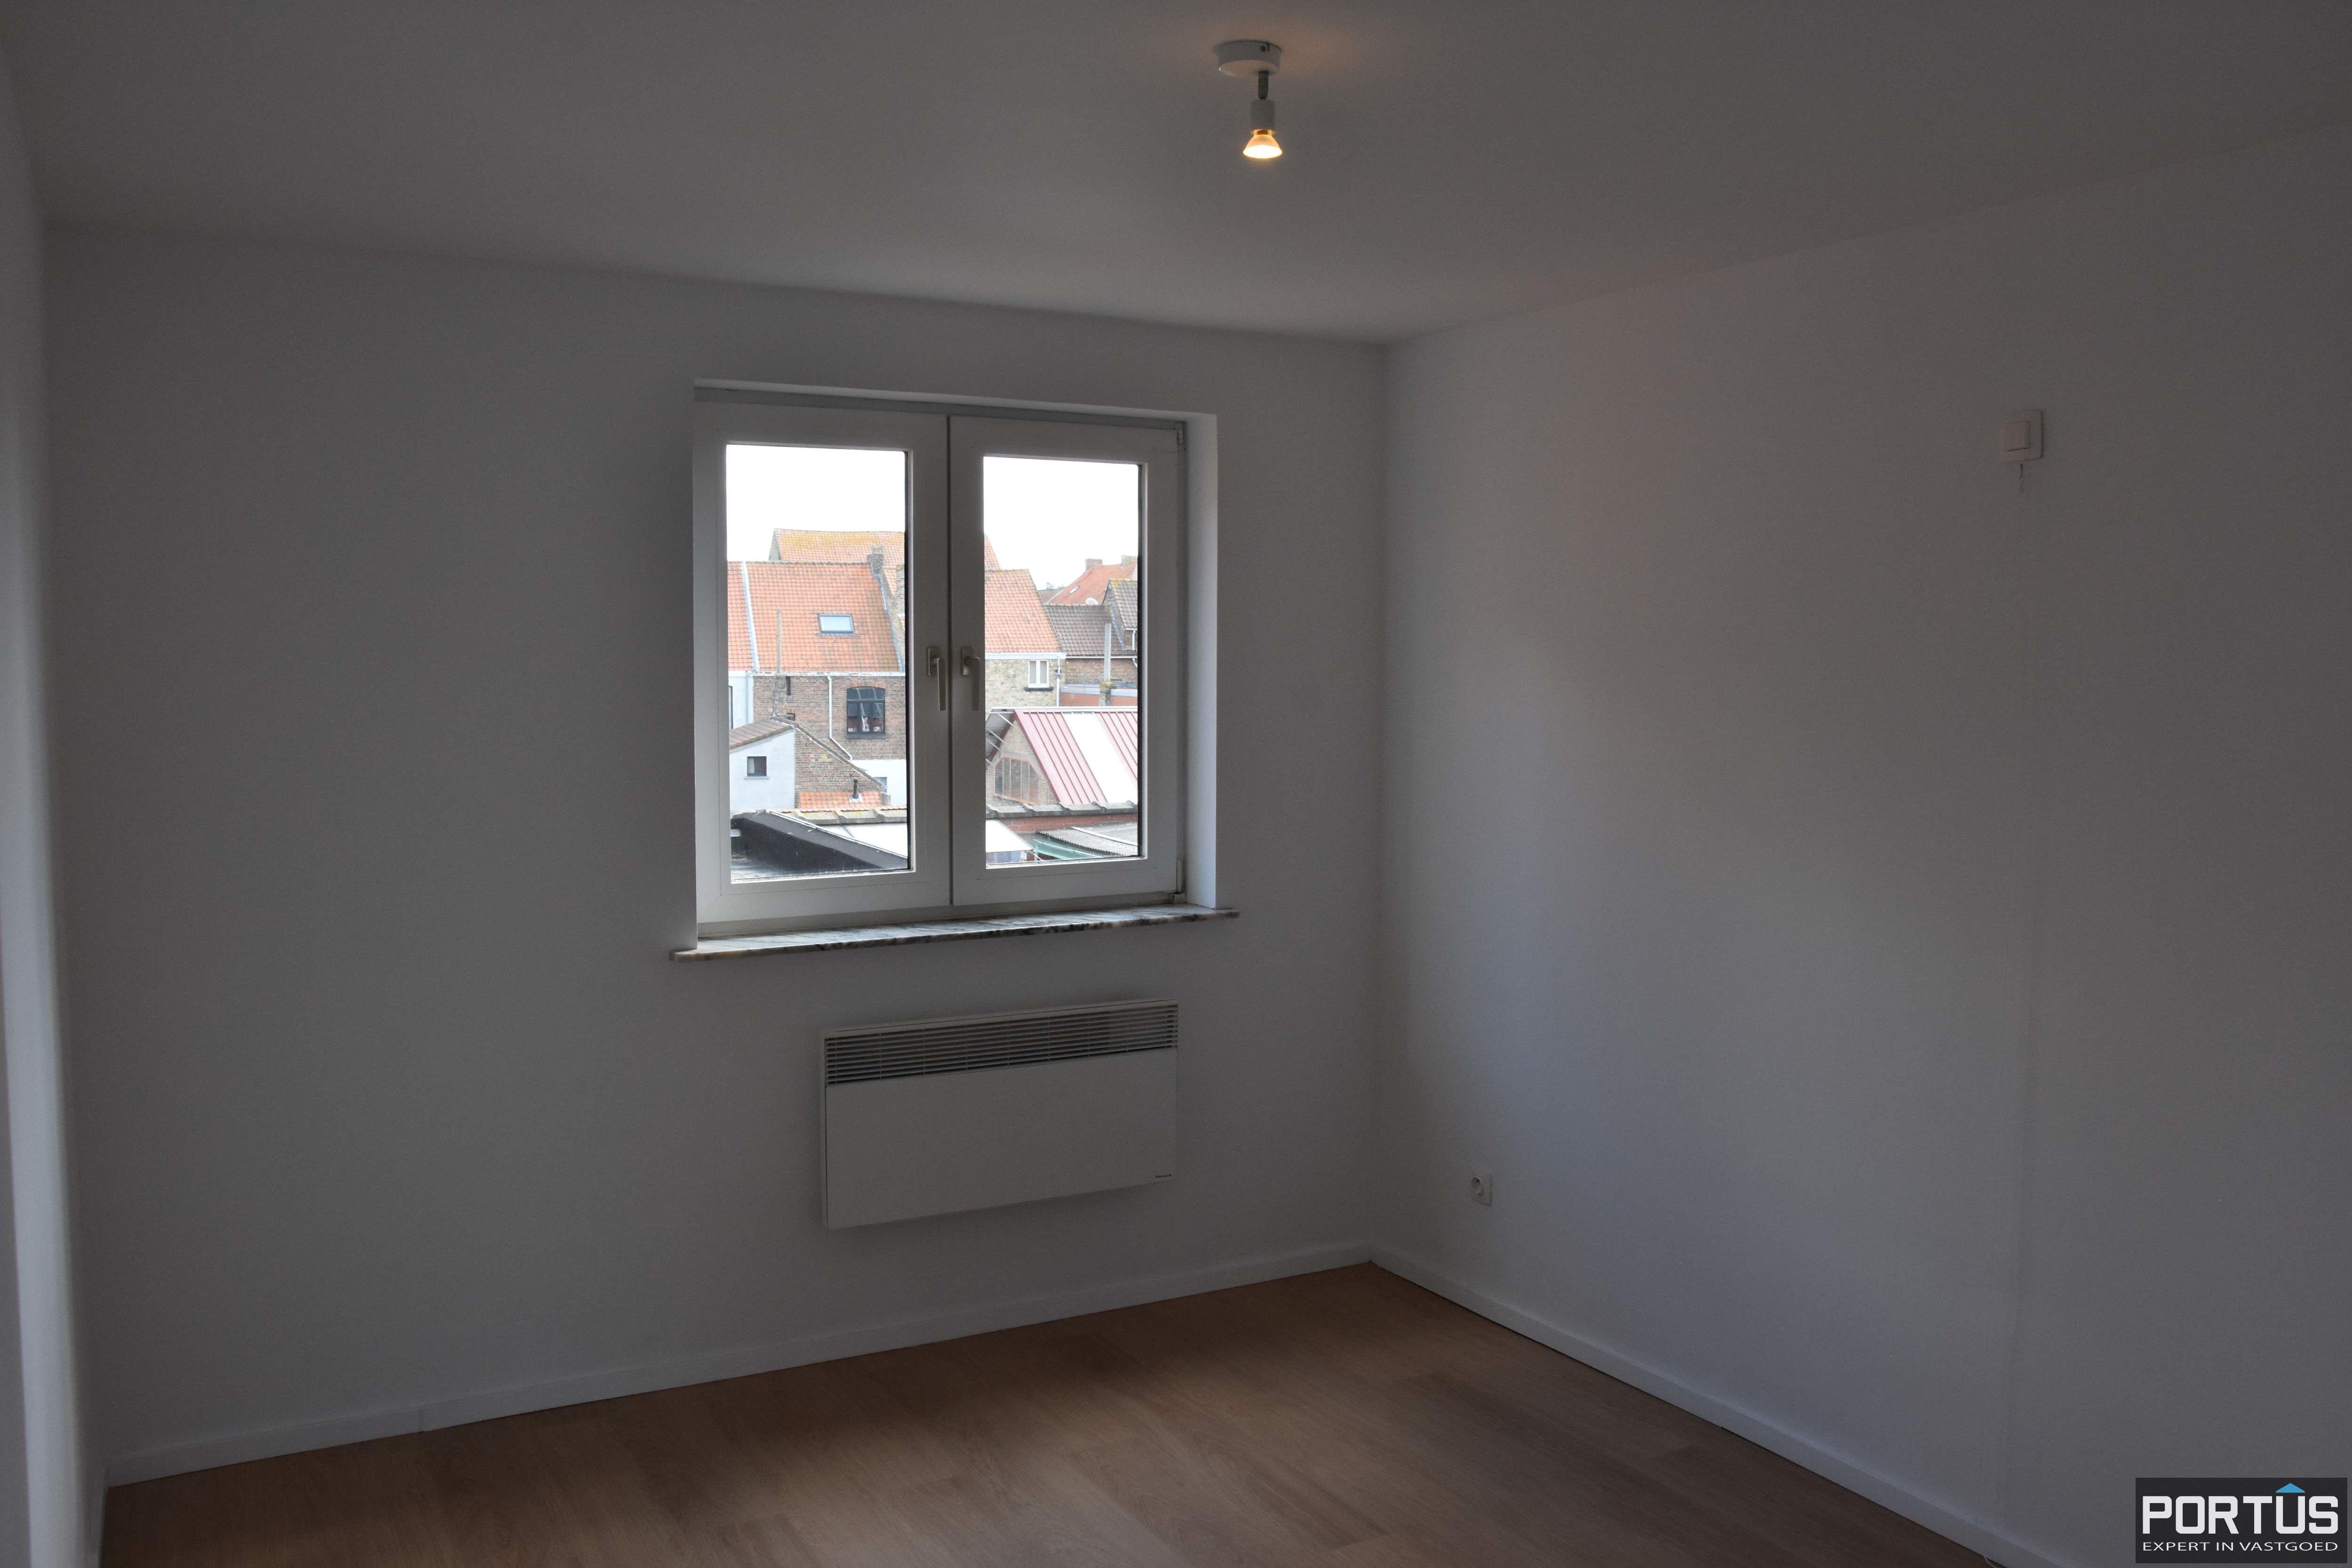 Appartement met 2 slaapkamers te huur te Nieuwpoort - 11088